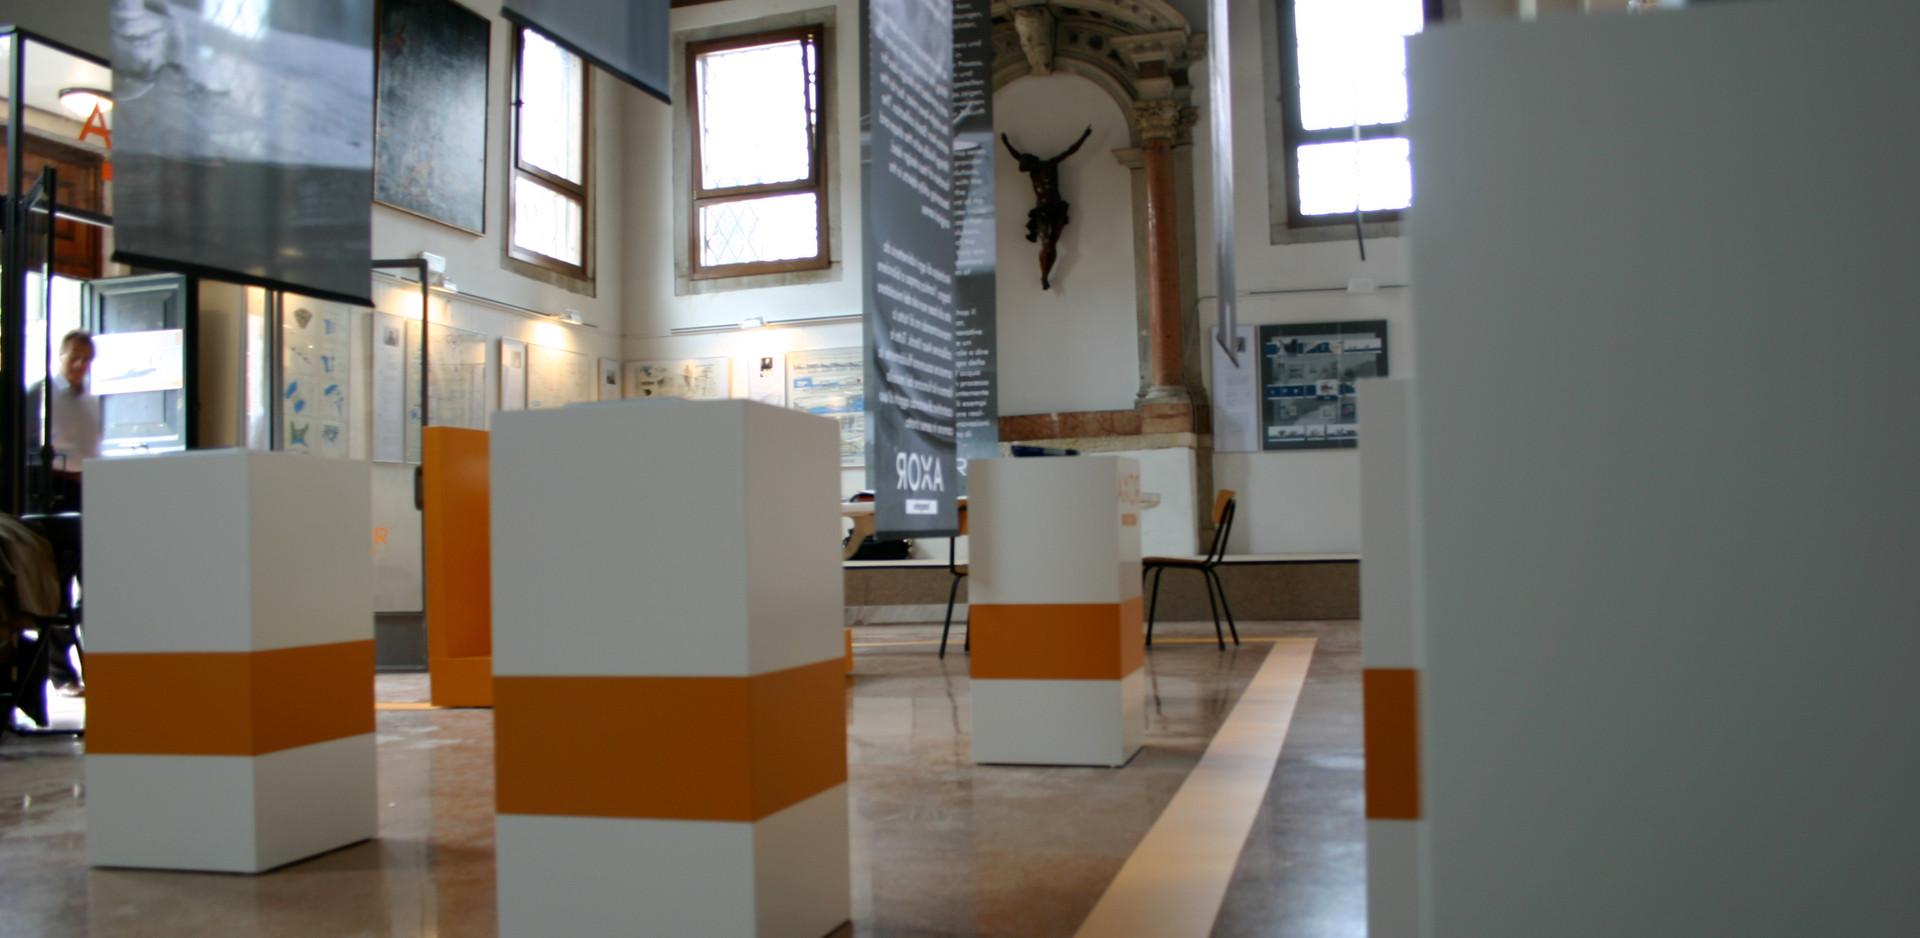 Biennale di Venezia, 2003